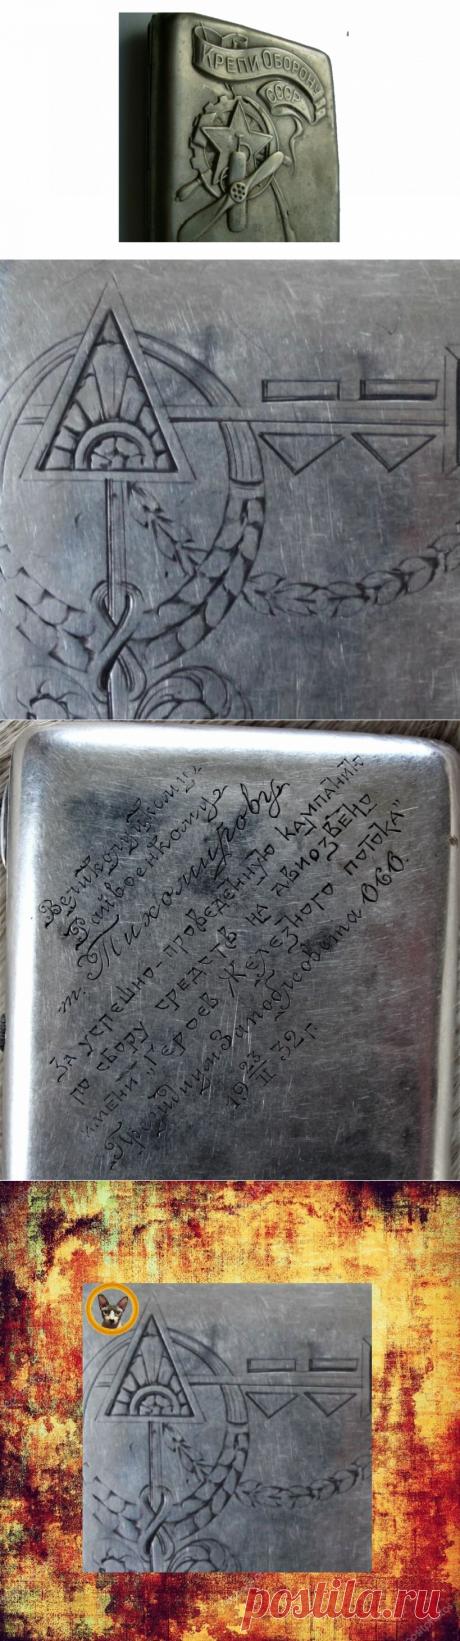 История на створках старого портсигара. Мы попытались ее воссоздать. И, вот что получилось | Очень занятая  пенсионерка | Яндекс Дзен